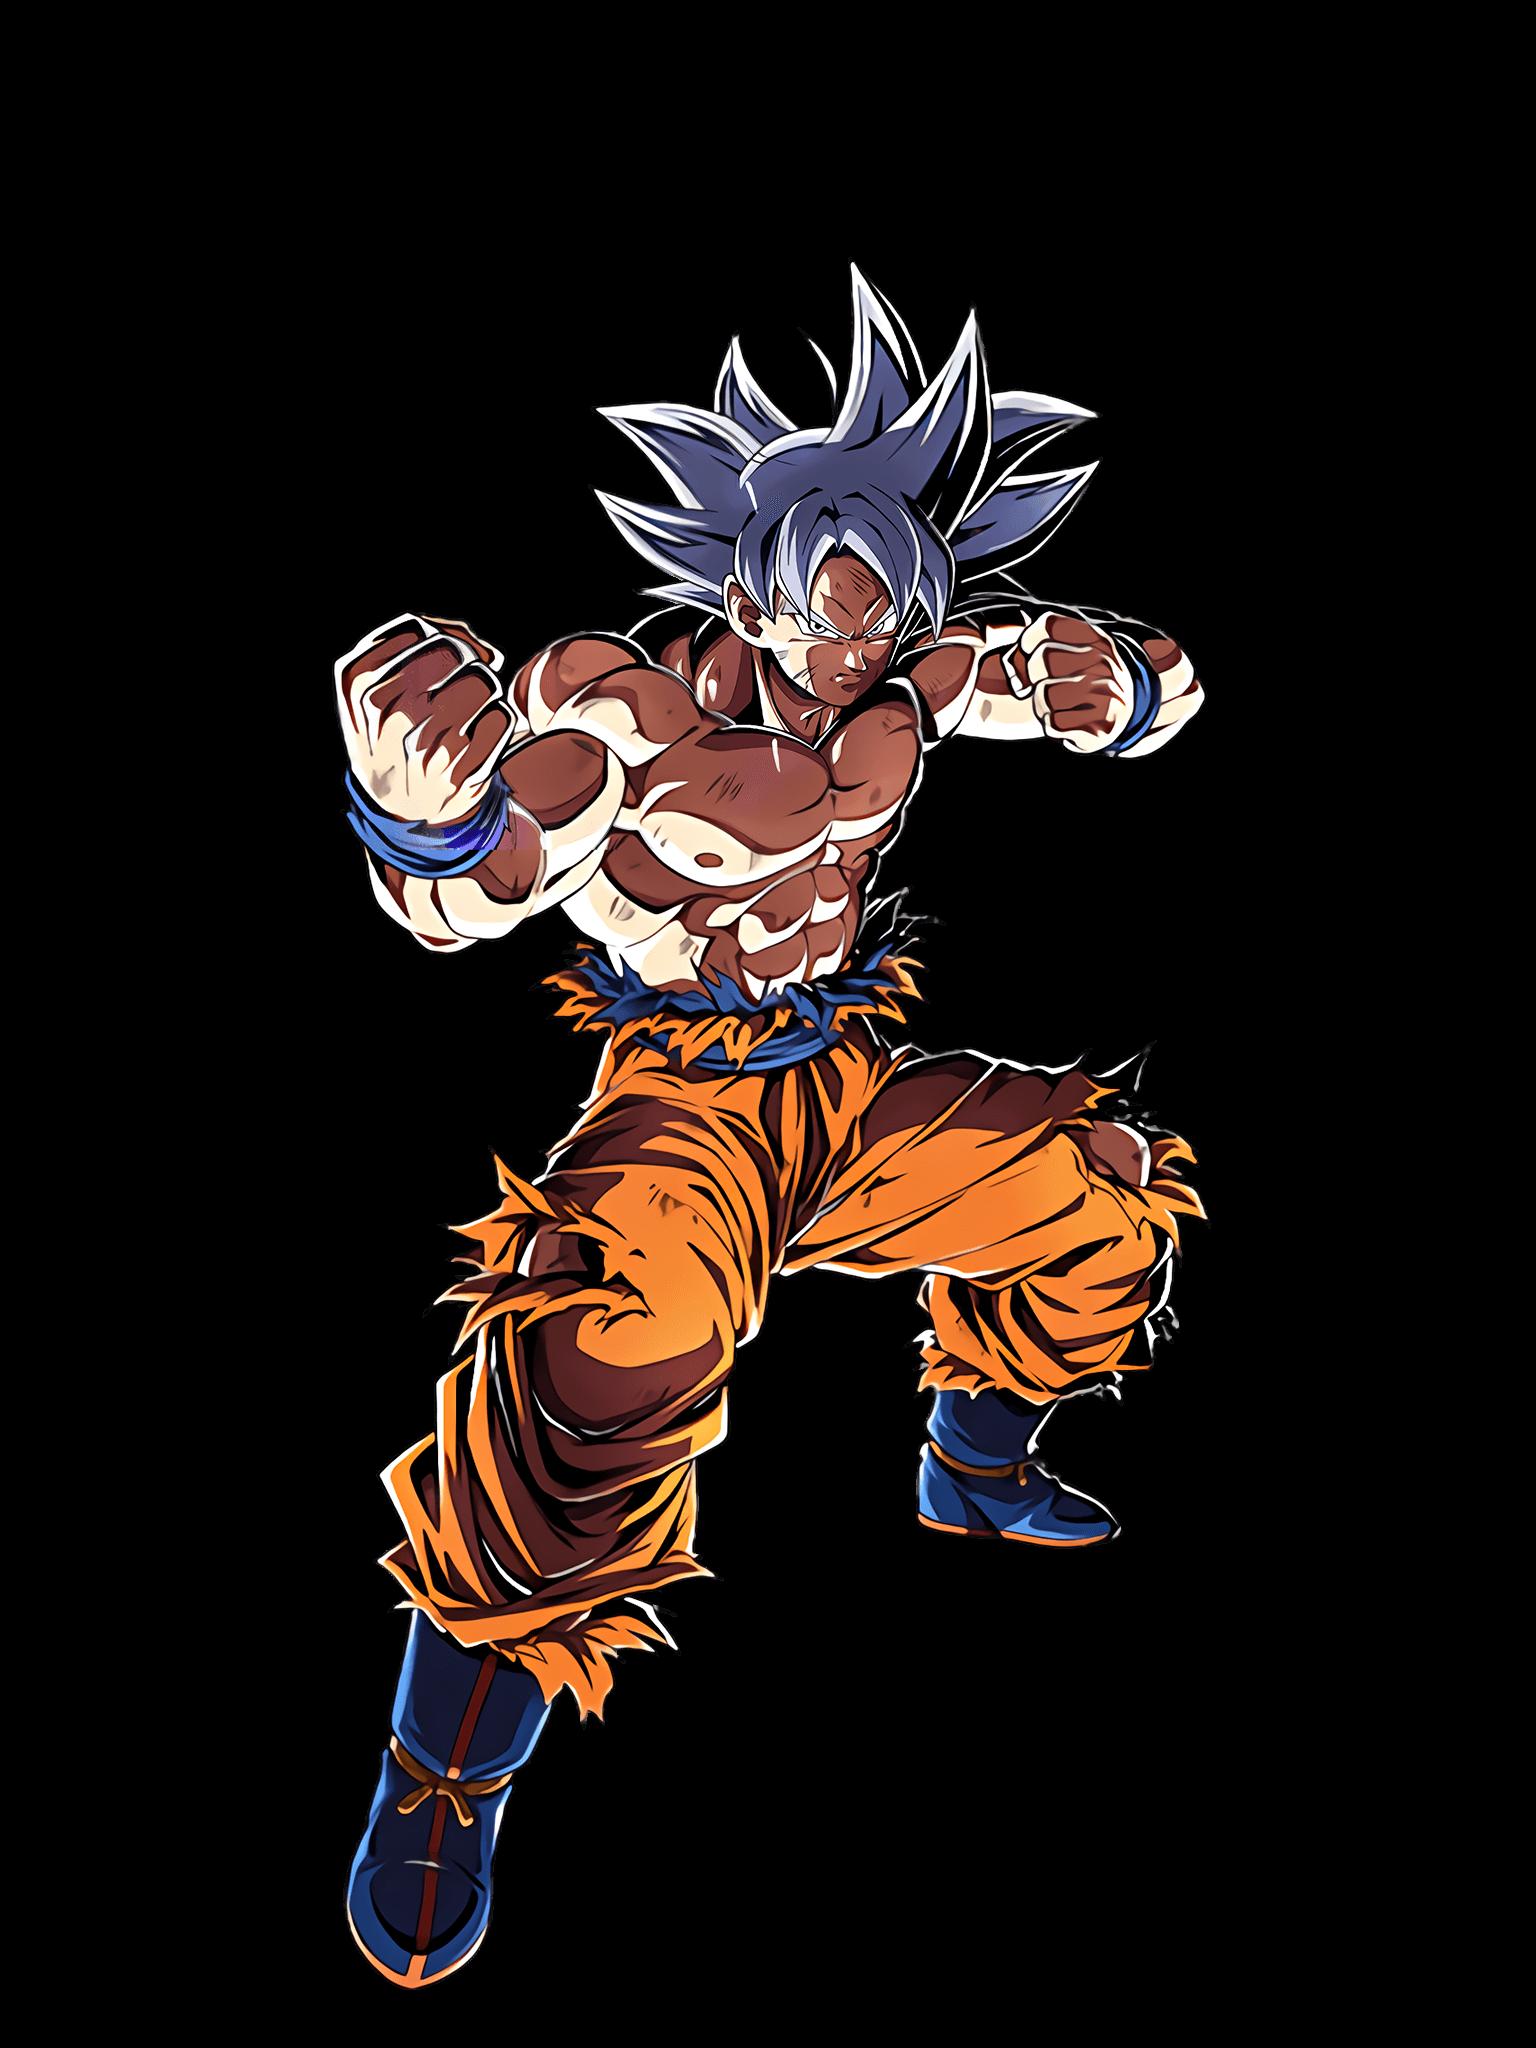 Me Encanta Goku Crianca Goku Desenho Wallpaper Do Goku